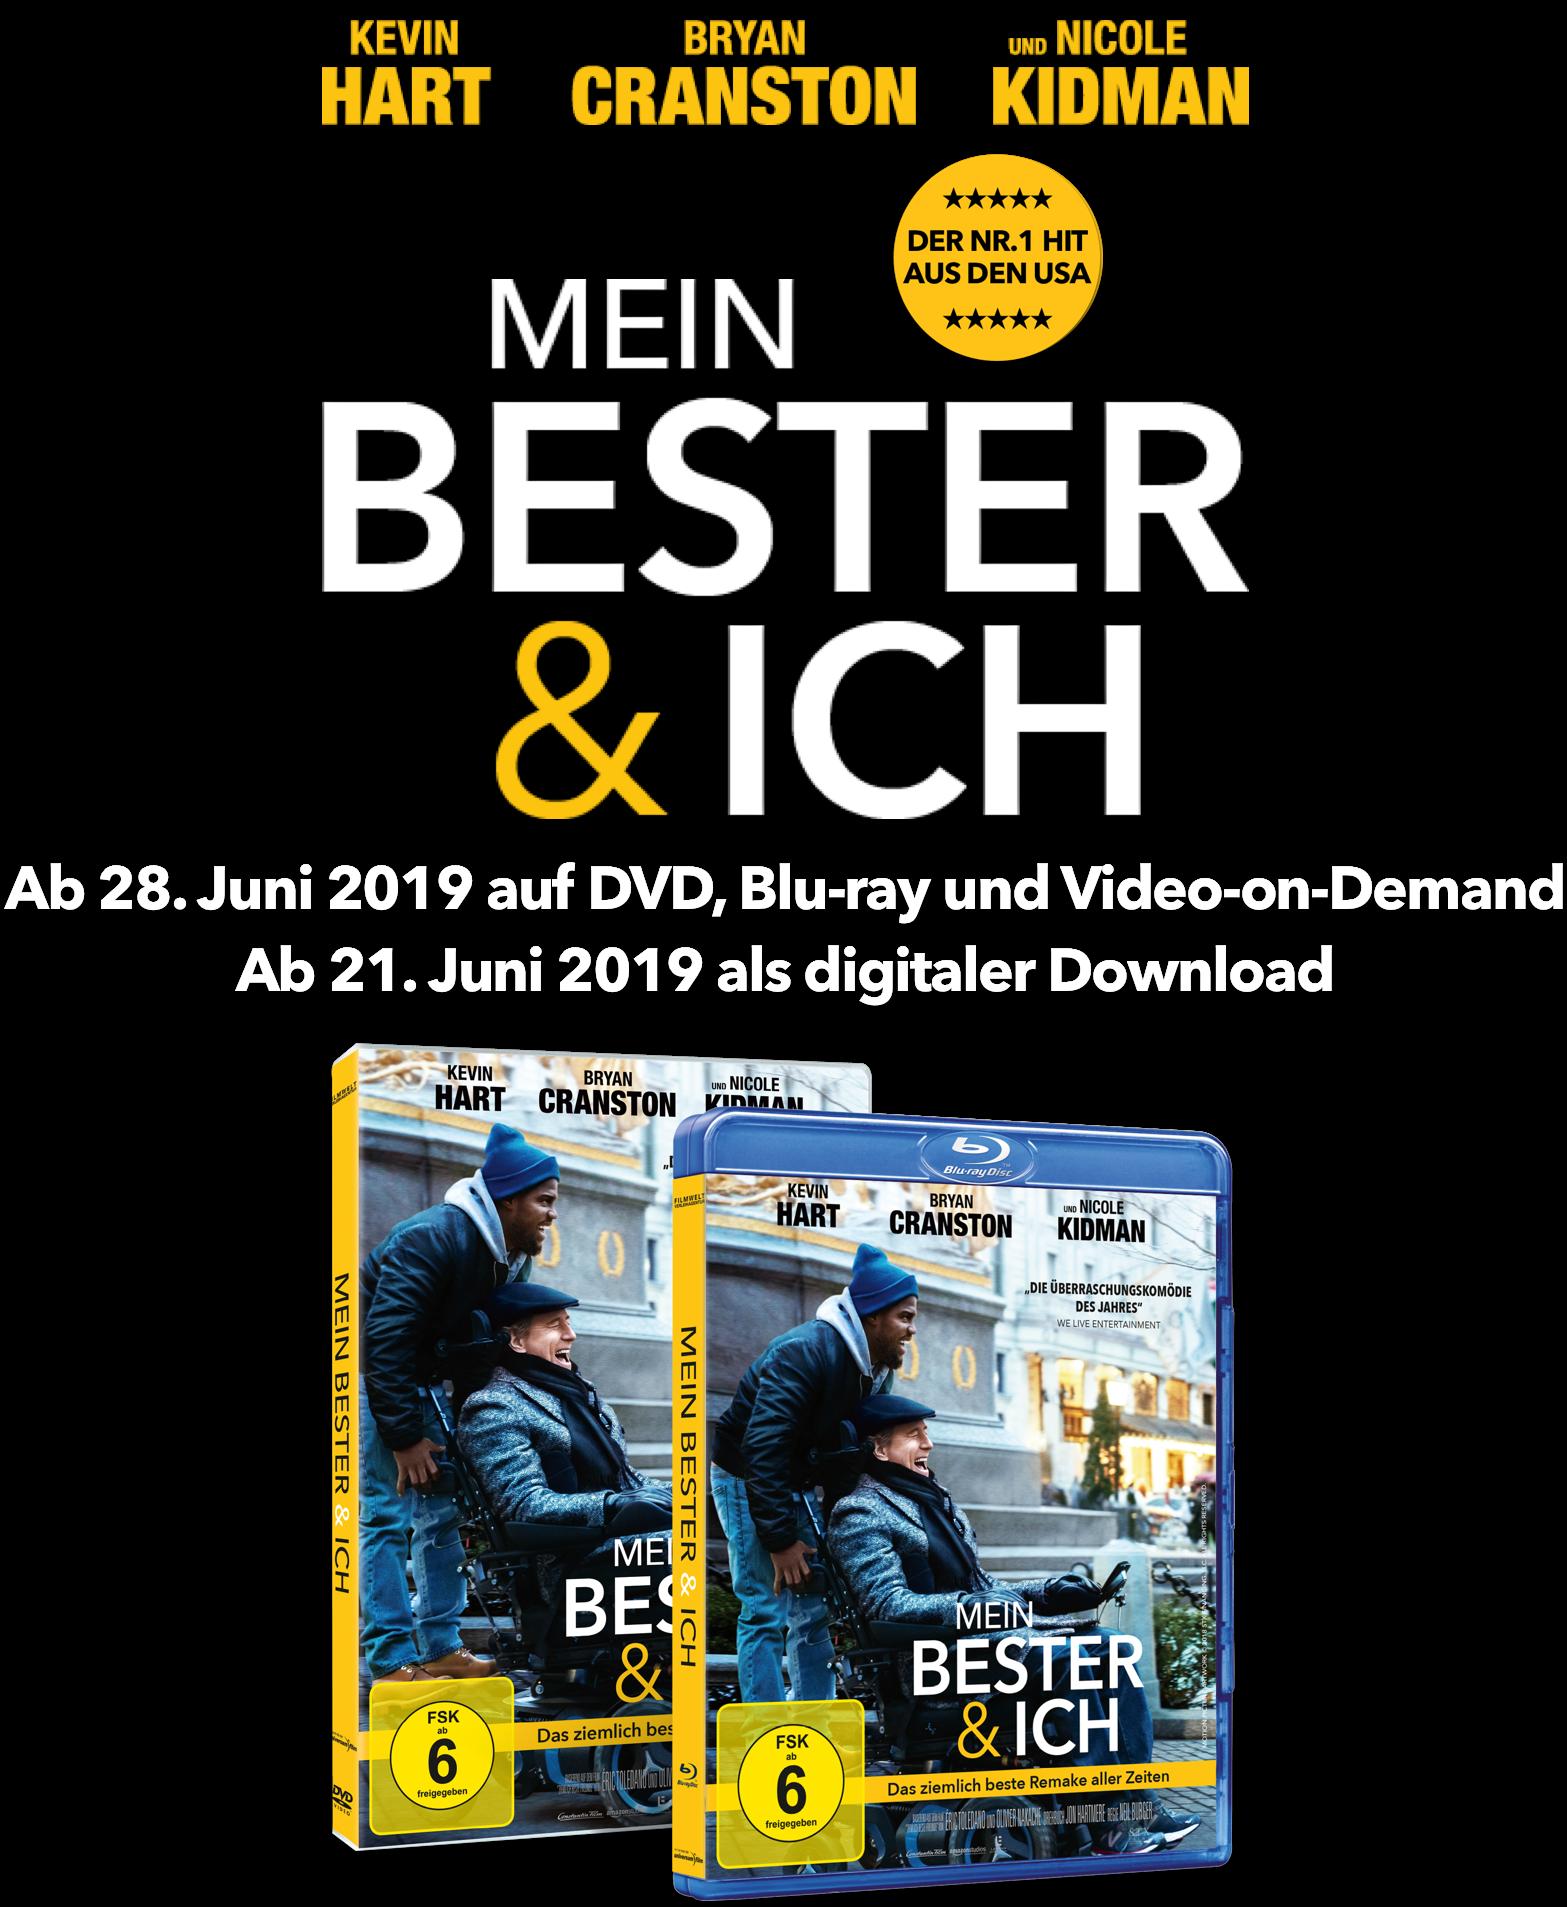 Mein Bester & Ich | Inhalt - Ab 21.02.2019 im Kino